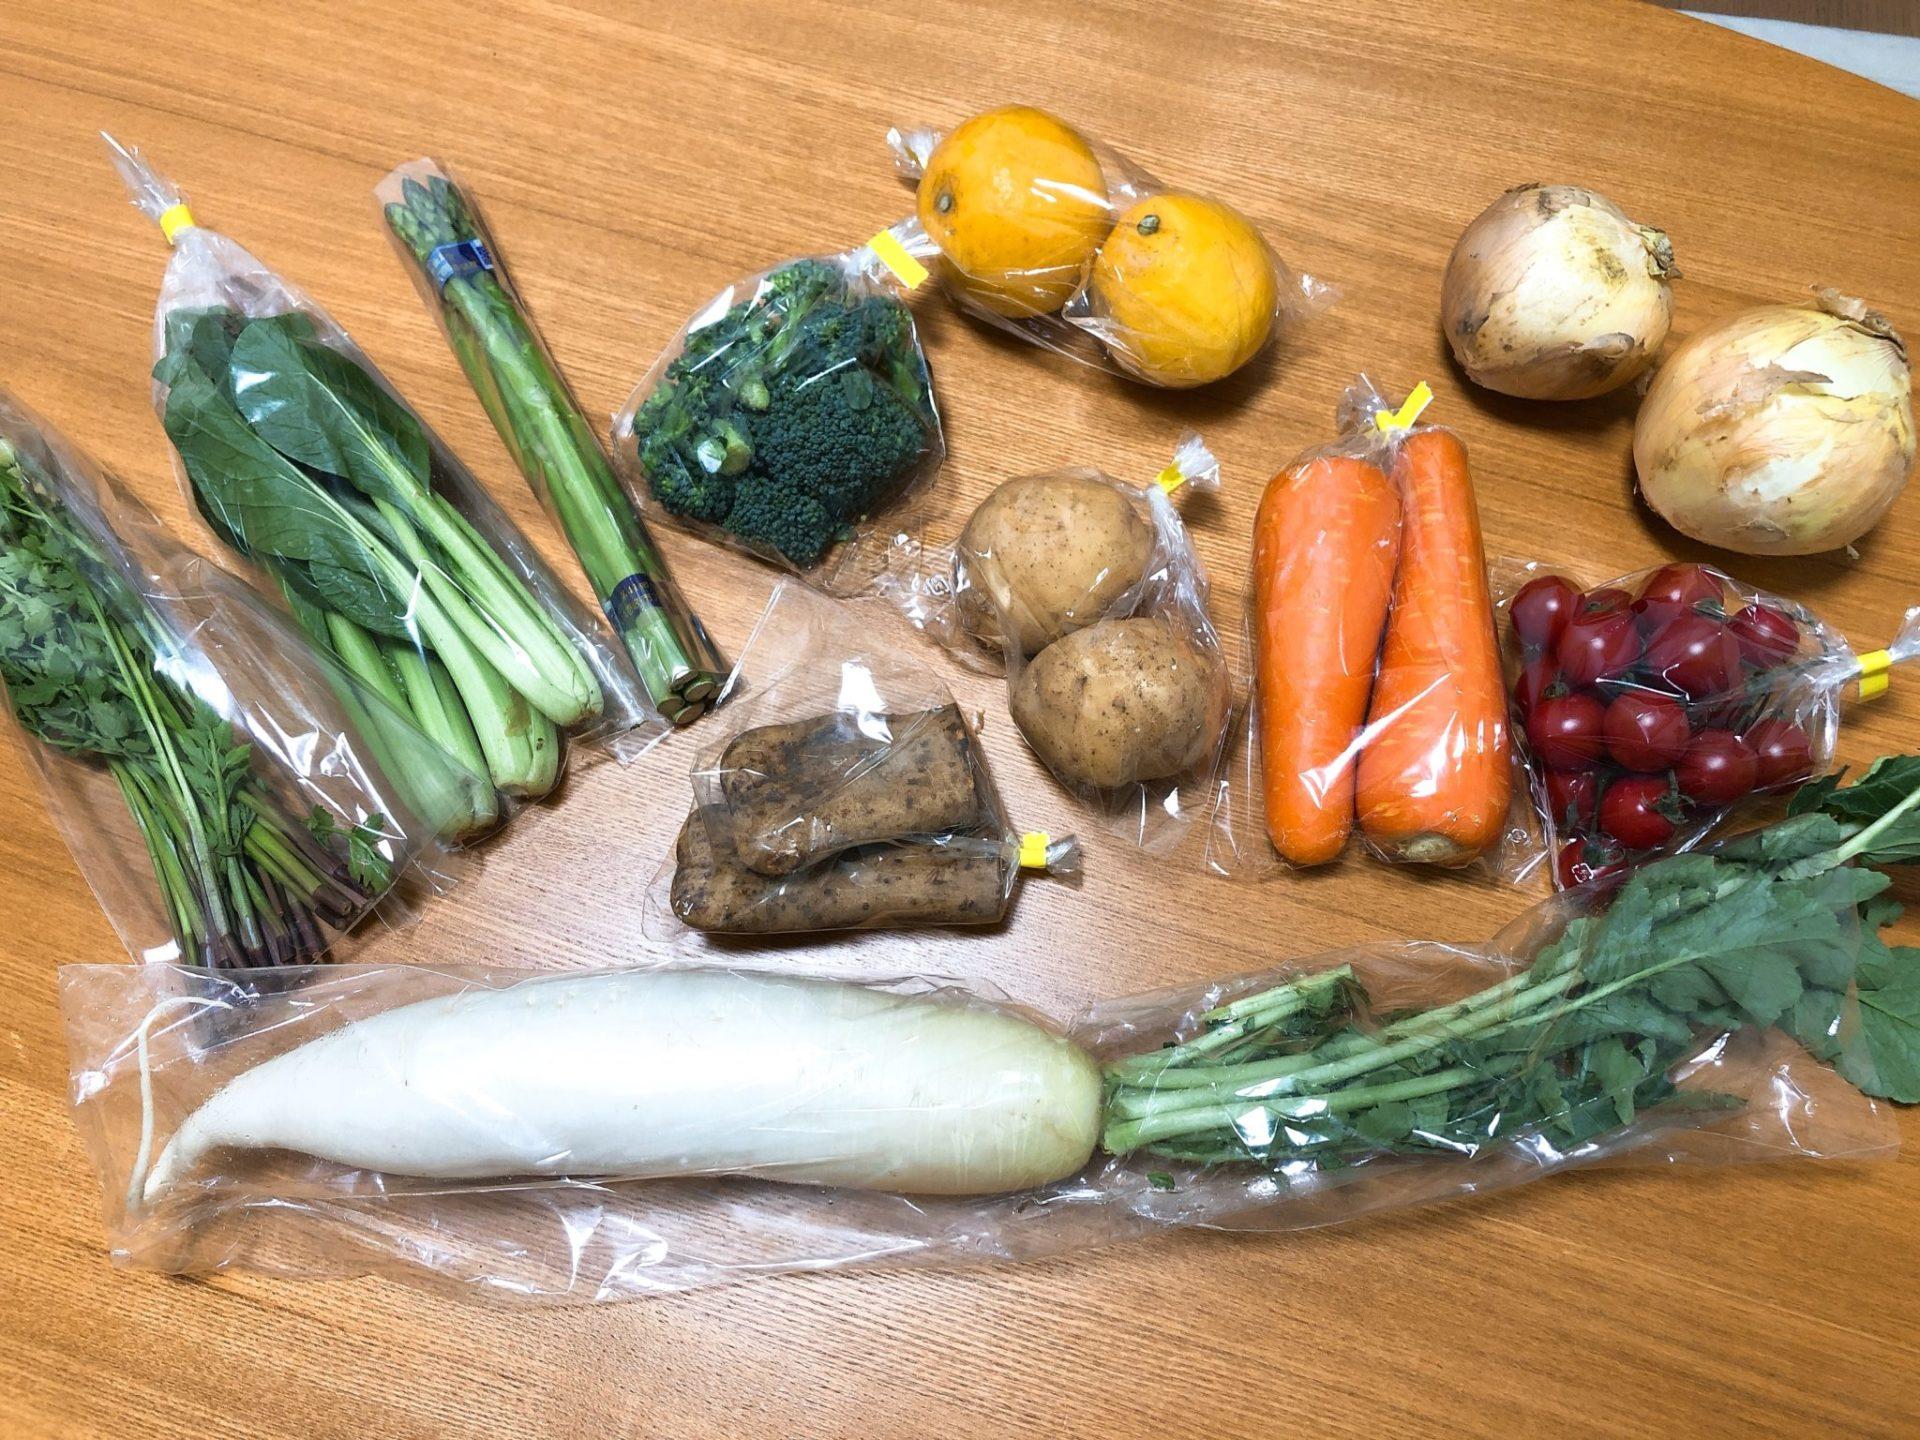 九百屋の宅配野菜に入っている野菜・果物